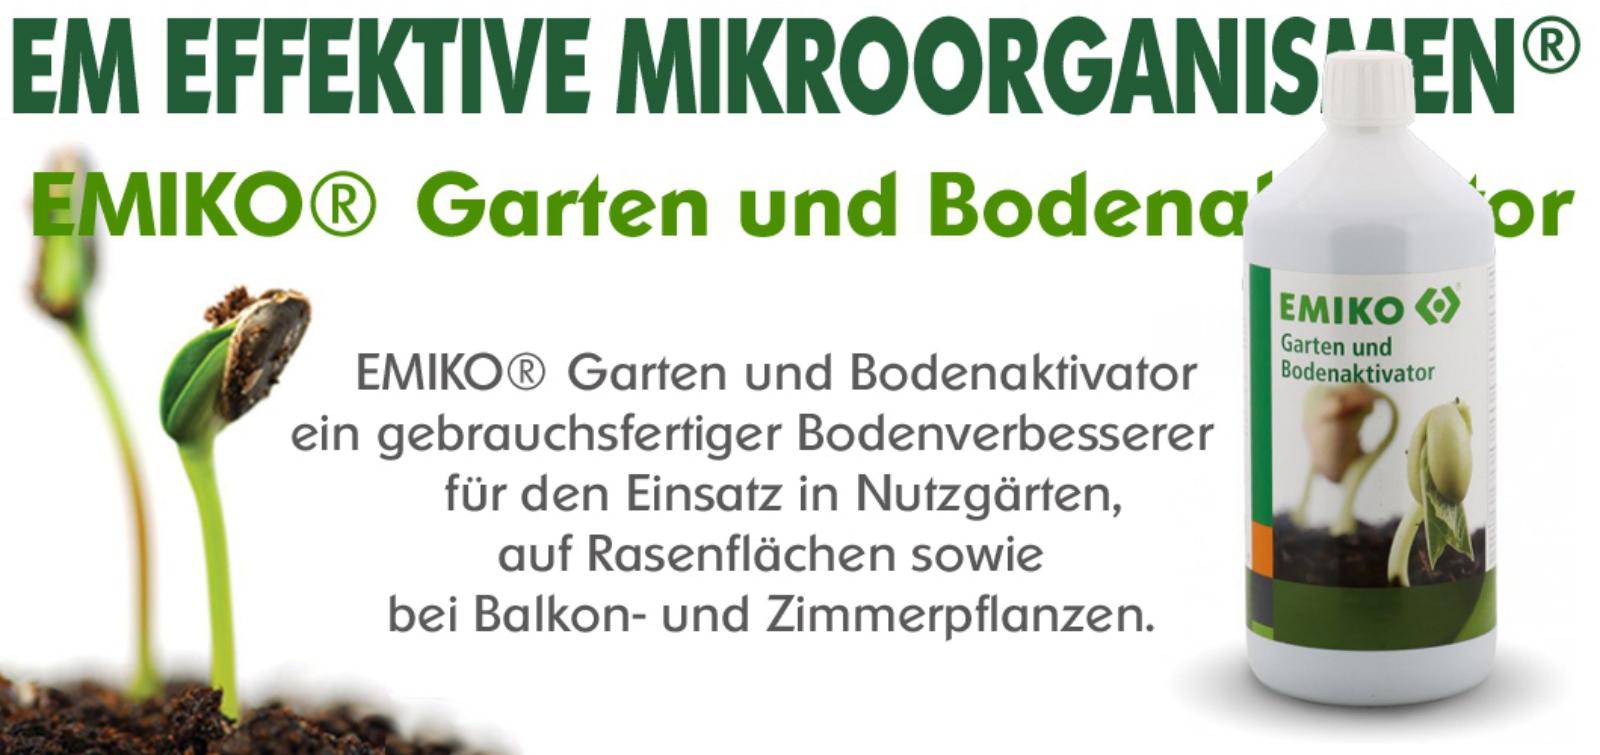 EMIKO® Garten und Bodenaktivator